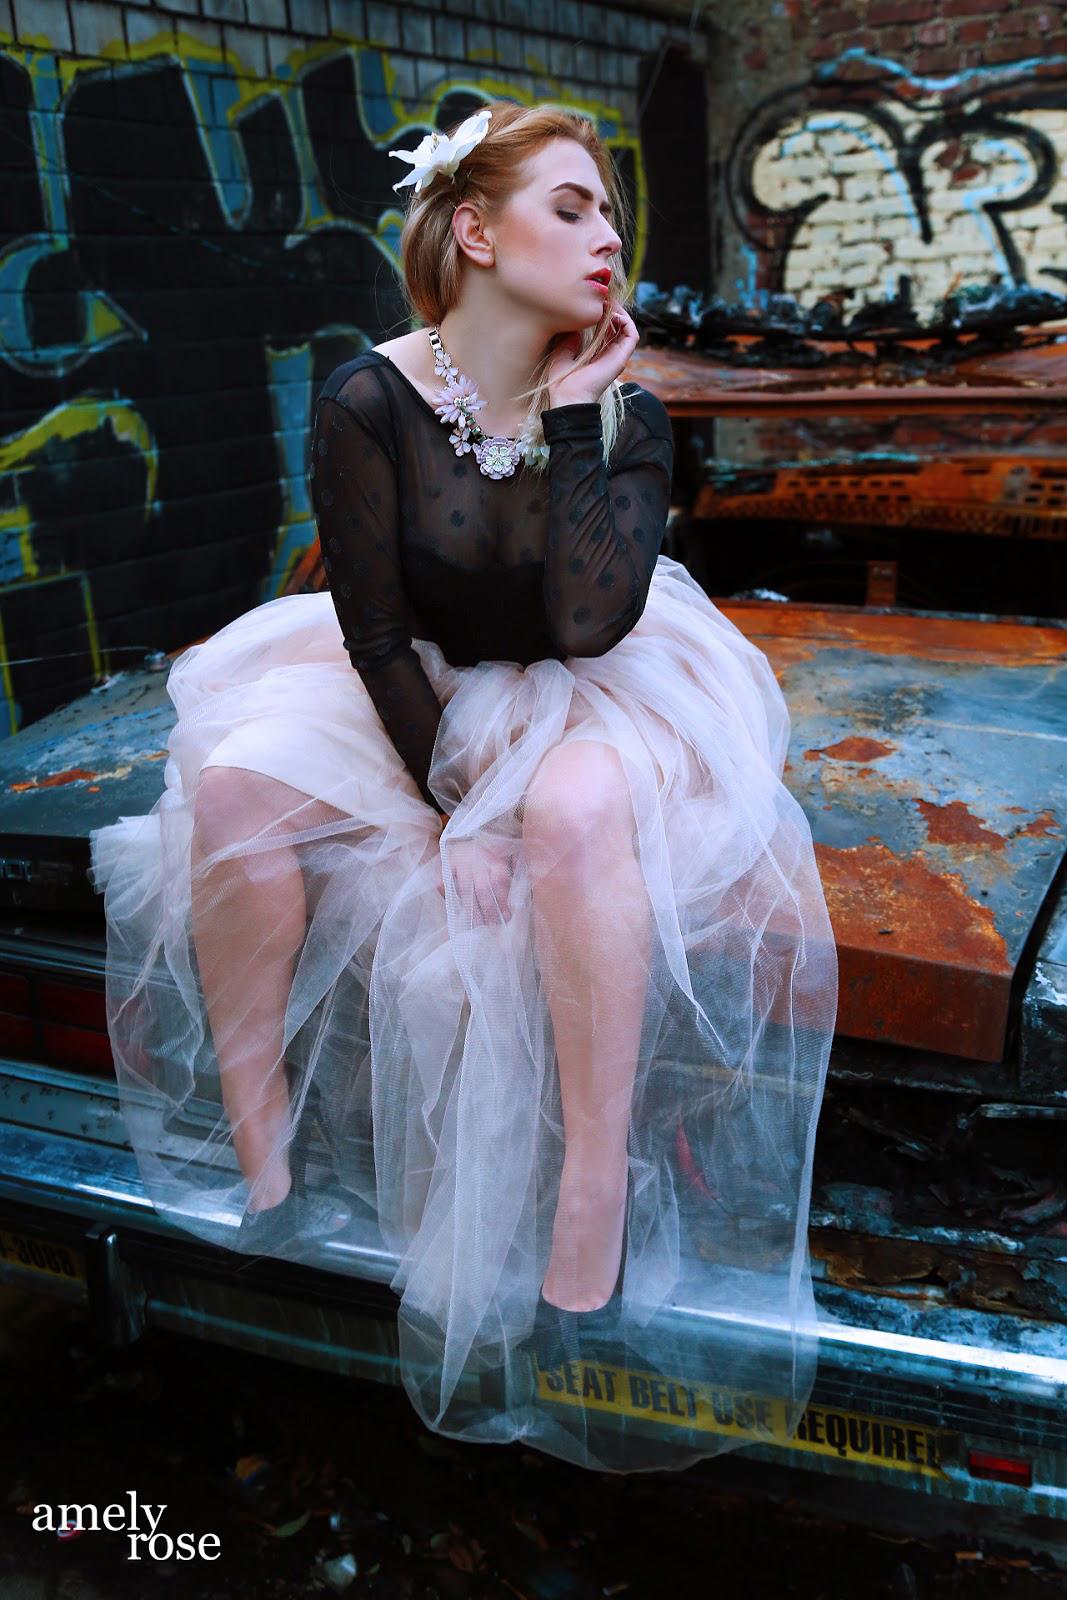 Ein editorial mit amely rose. So sieht ein fashionshooting auf einem schrottplatz mit highheels und tüllrock aus.